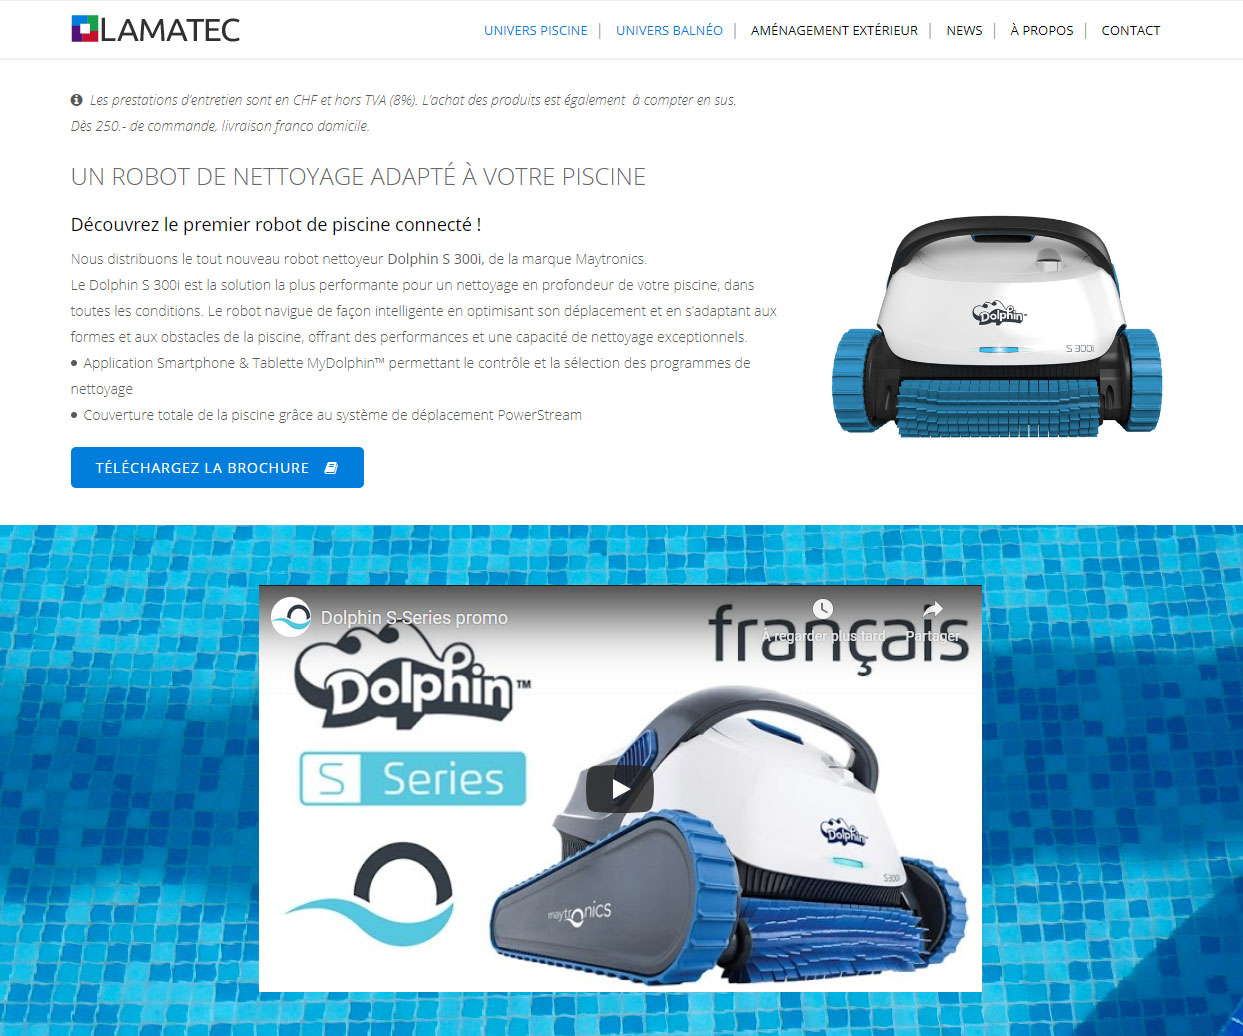 Gestion du site lamatec.ch - Page Entretien piscine, robot nettoyeur